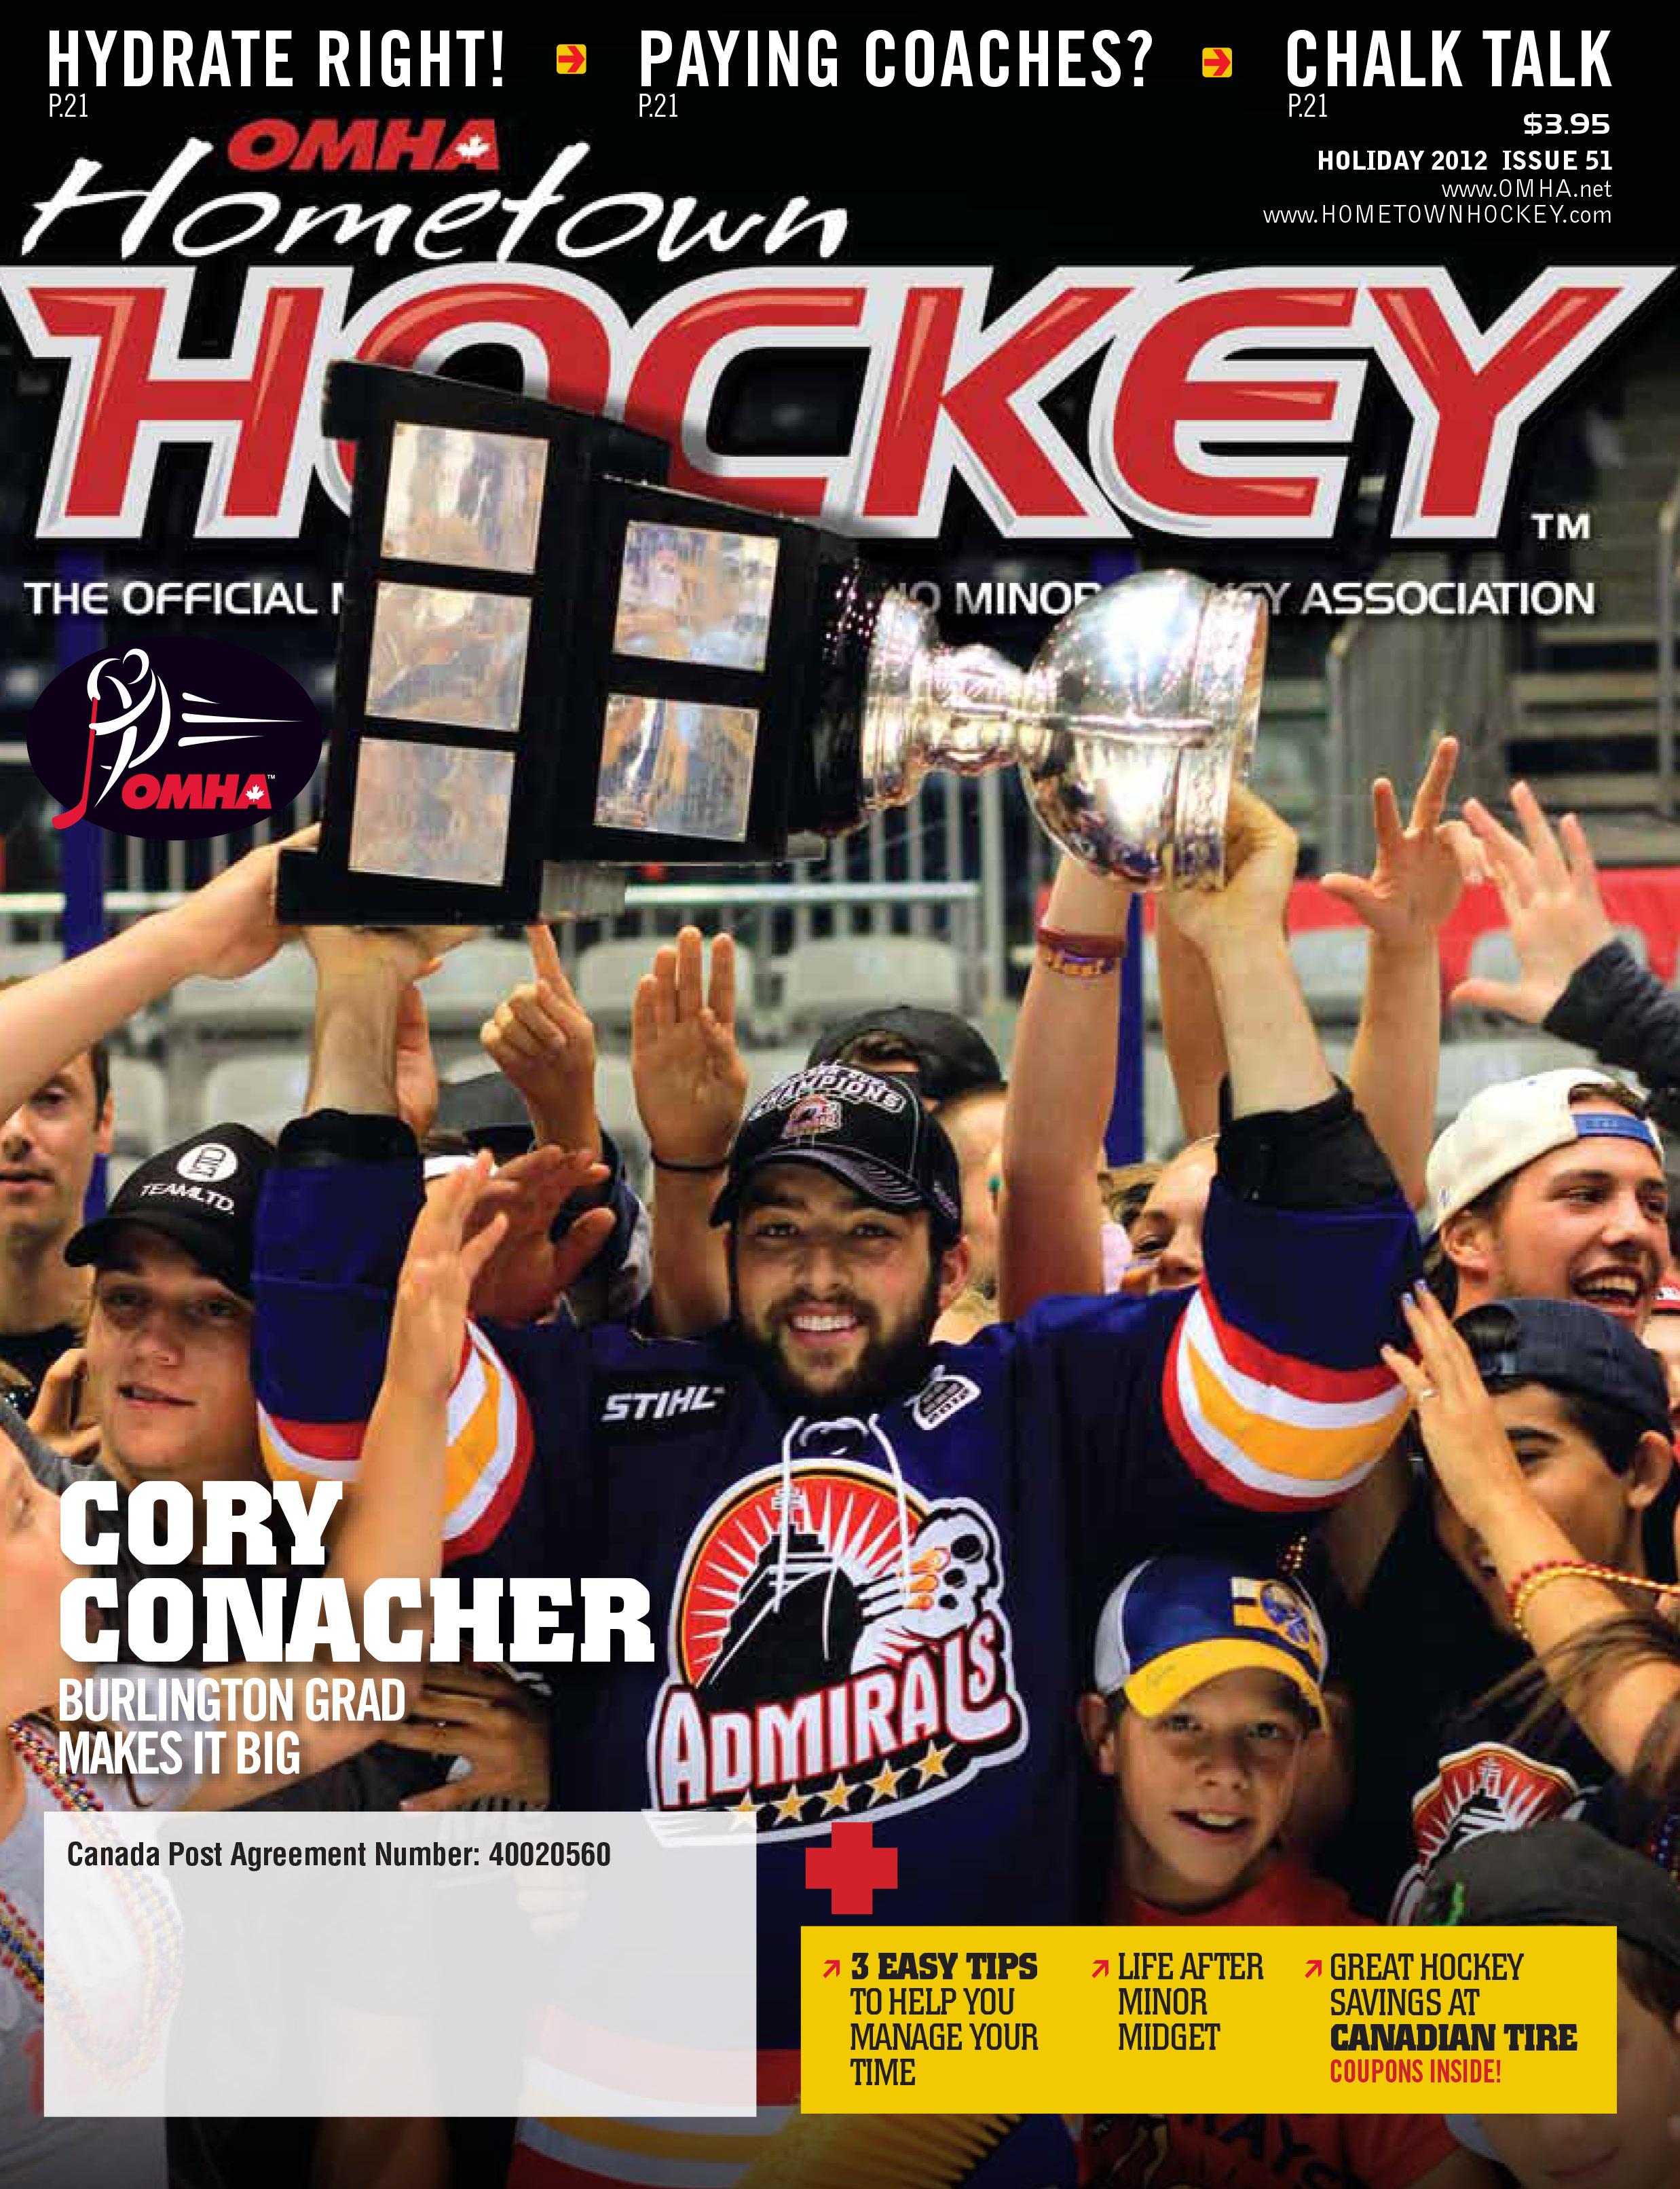 OMHA Hometown Hockey Holiday 2012